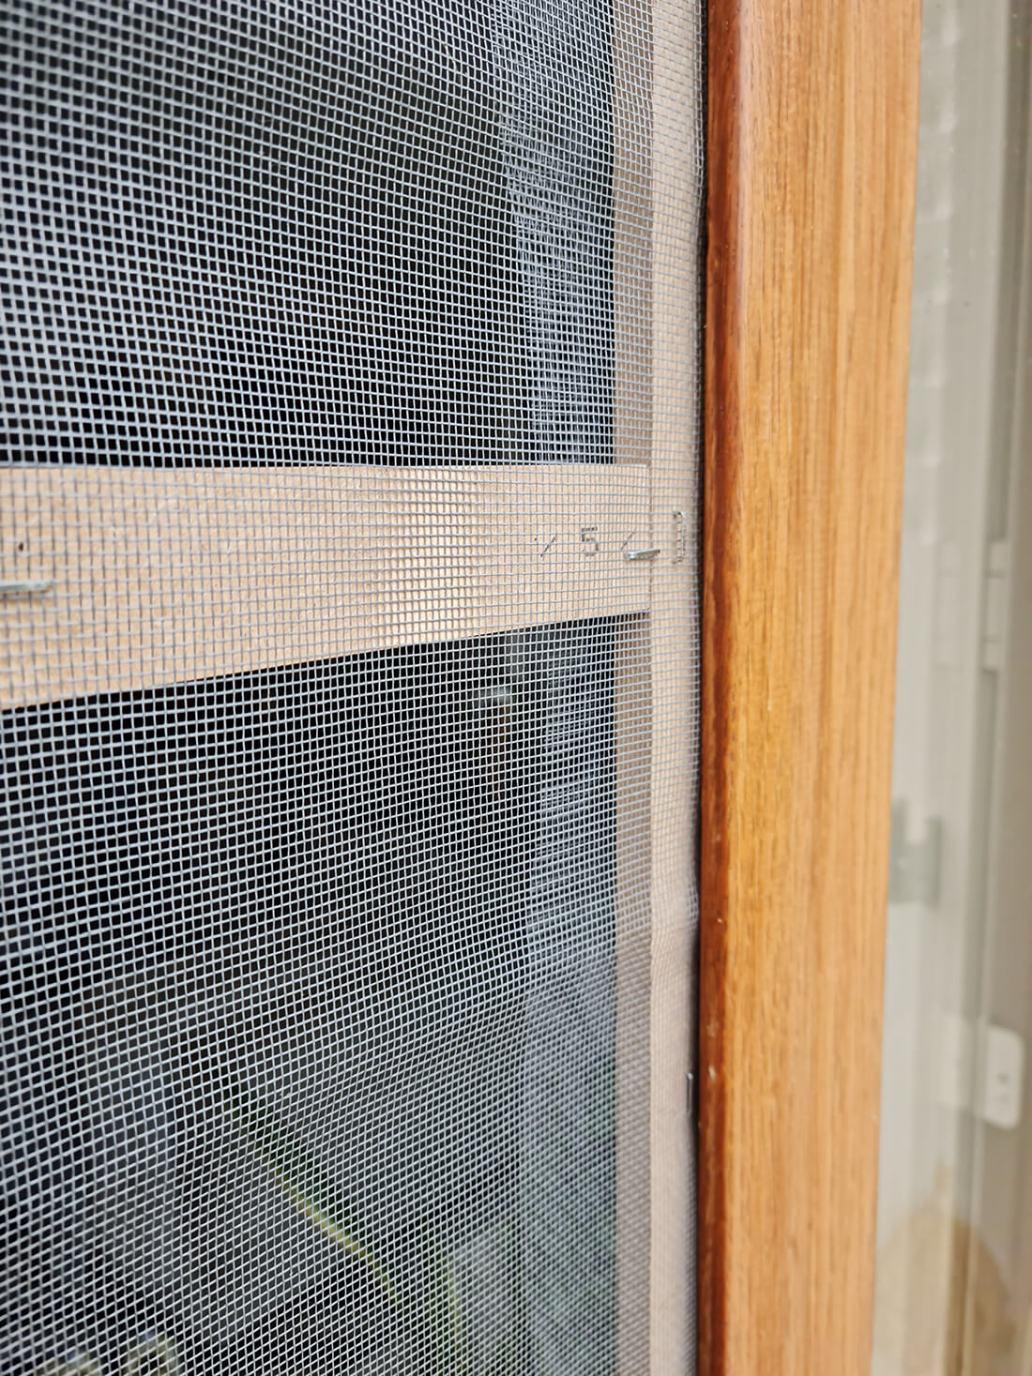 20210819 171315 - DIY pratique : fabriquer une moustiquaire pour porte ou fenêtre